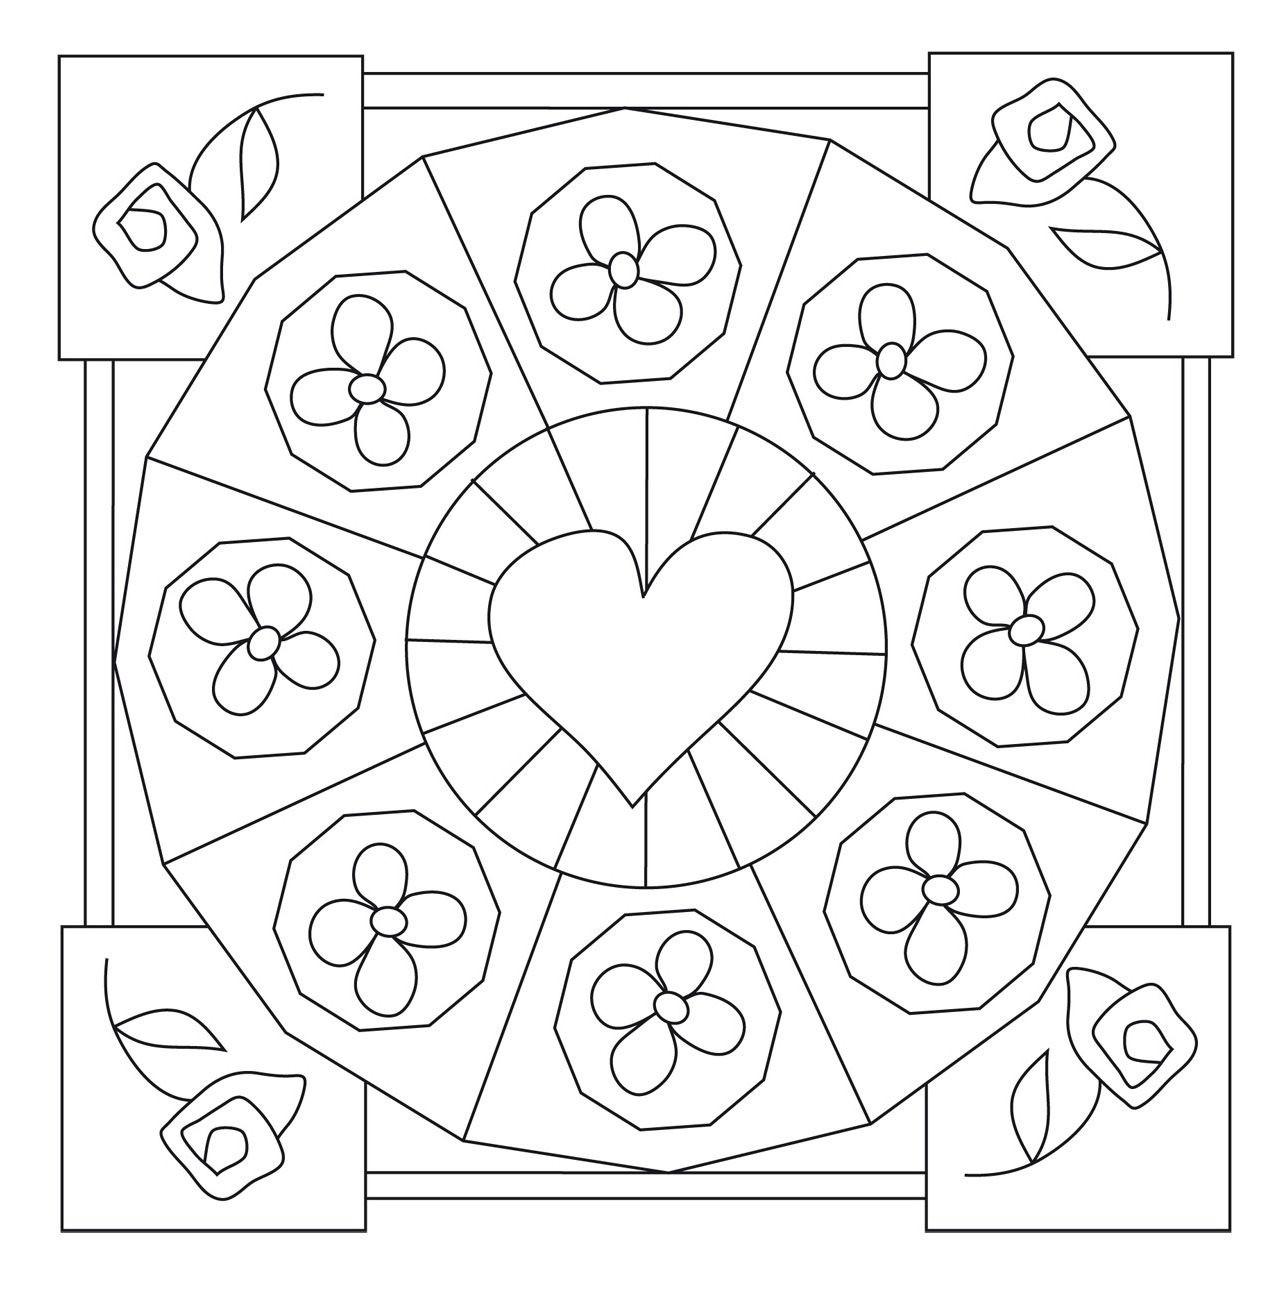 Die Kleine Raupe Nimmersatt Ausmalbild Inspirierend Pin Von I T Auf Mandala Flowers Schön Raupe Nimmersatt Ausmalbilder Galerie